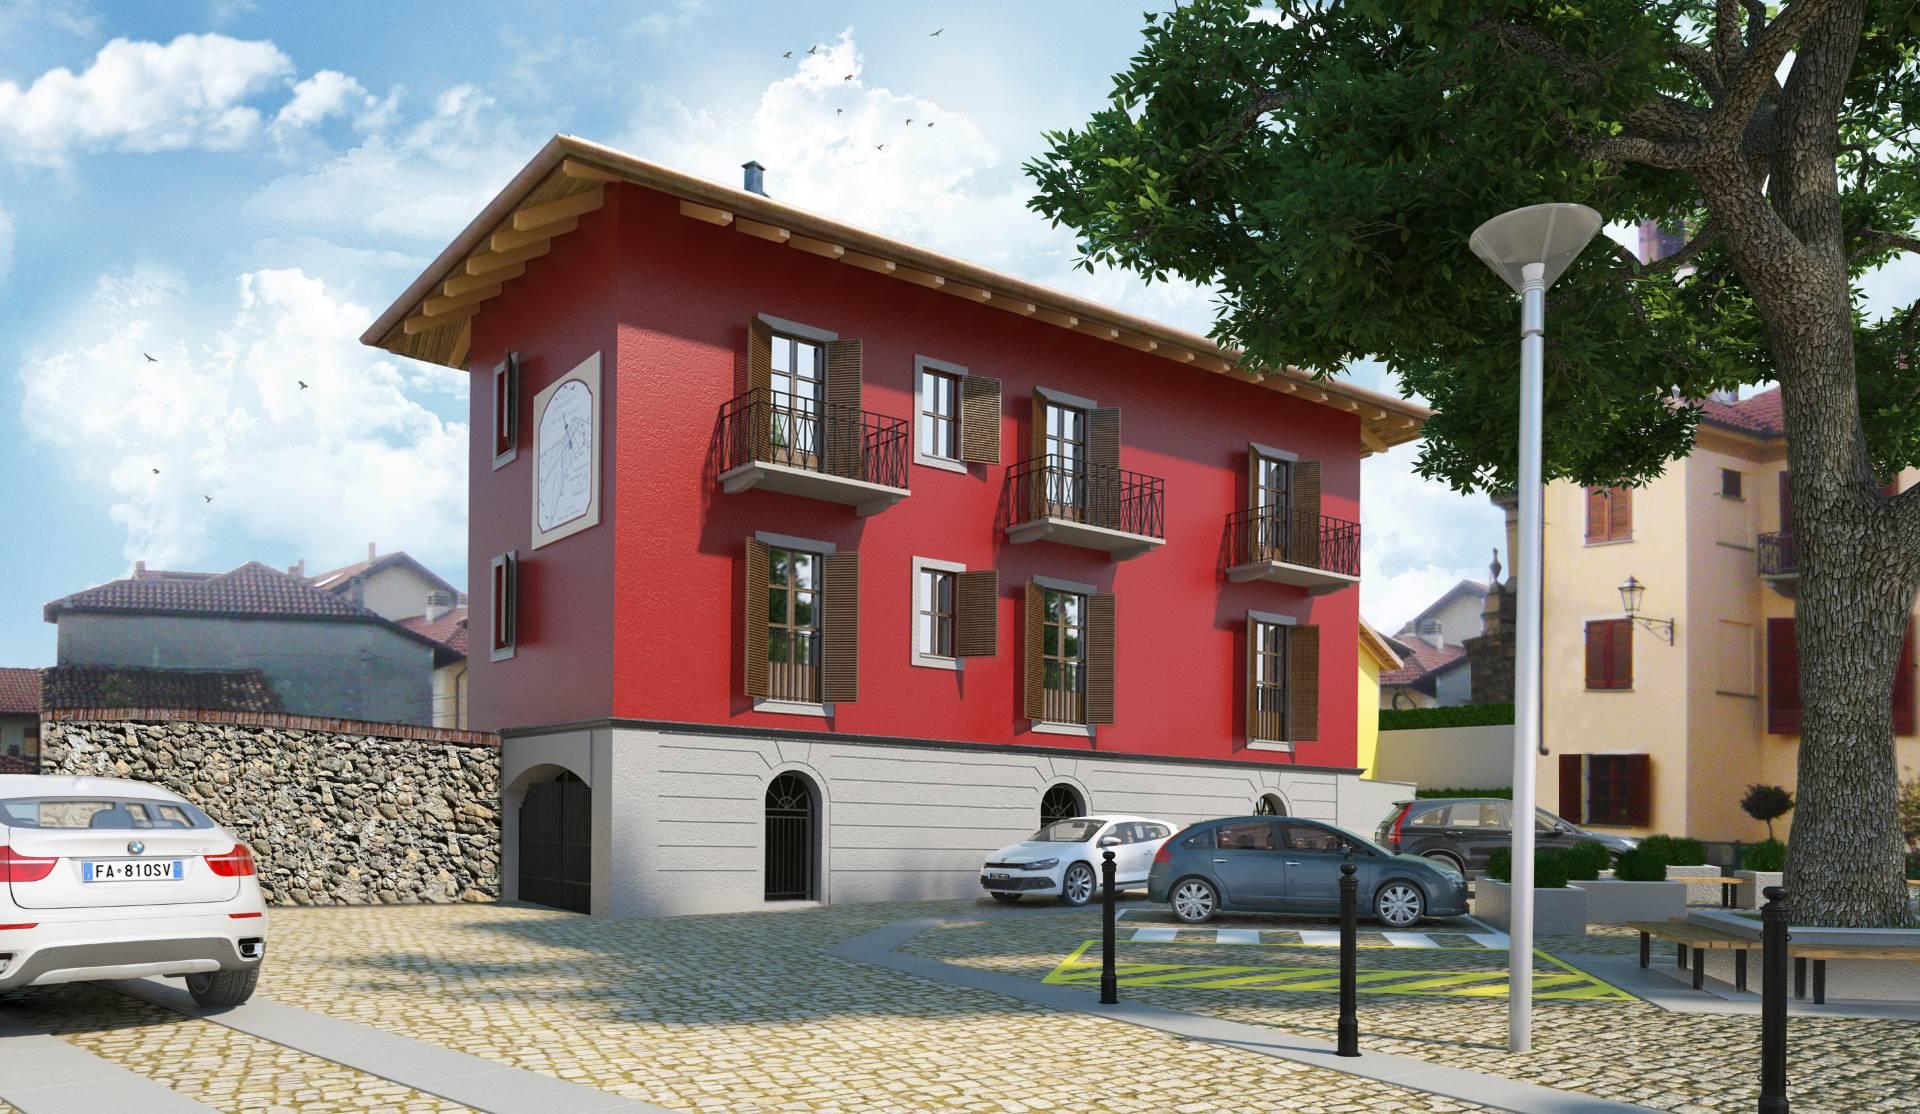 Appartamento in vendita a Villarbasse, 4 locali, zona Località: Centro, prezzo € 288.000   CambioCasa.it